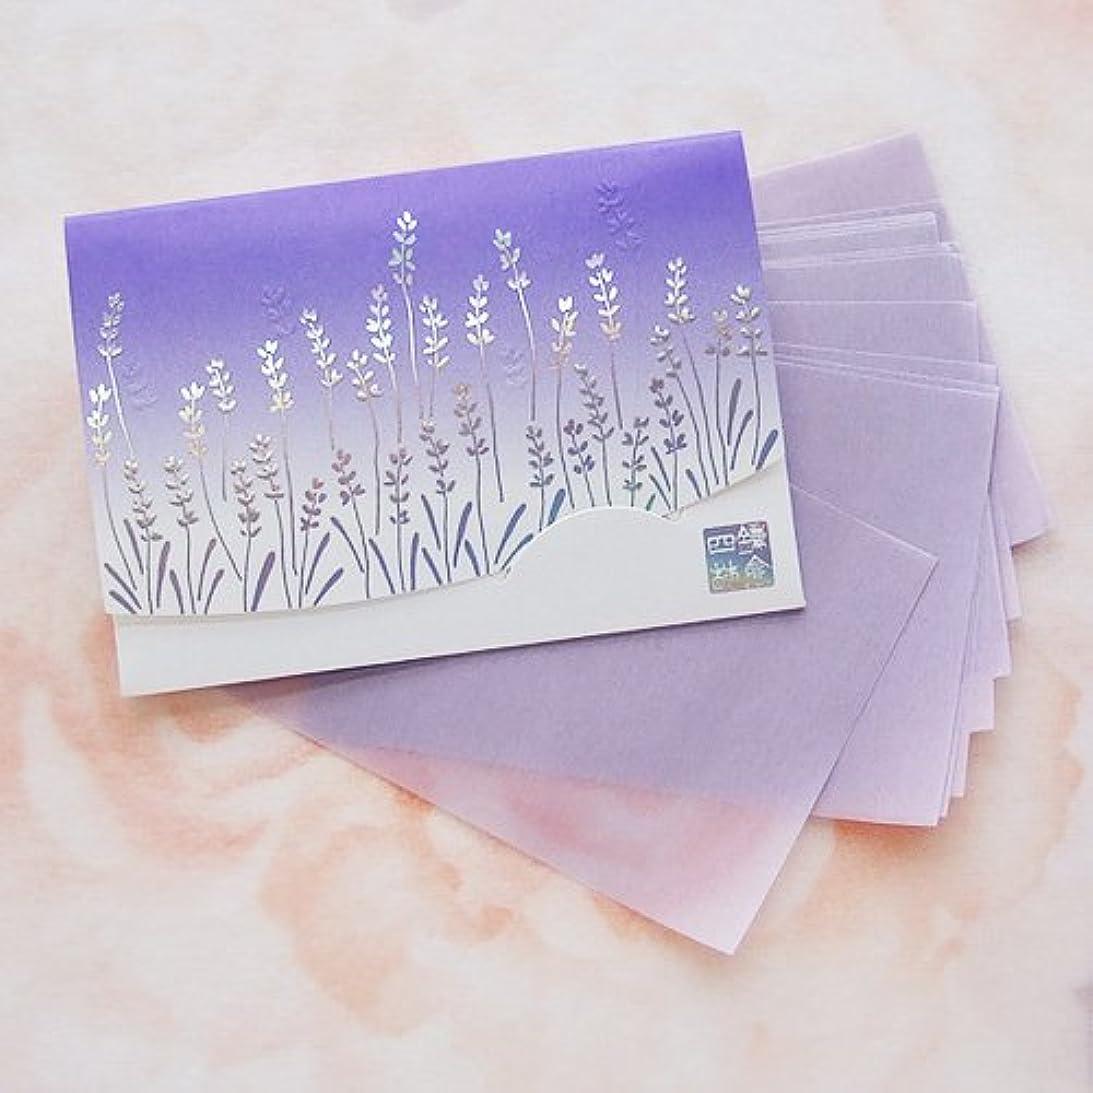 手段媒染剤通行料金鎌倉四葩のあぶらとり紙 きらめき香りラベンダー 短冊サイズ 20枚入